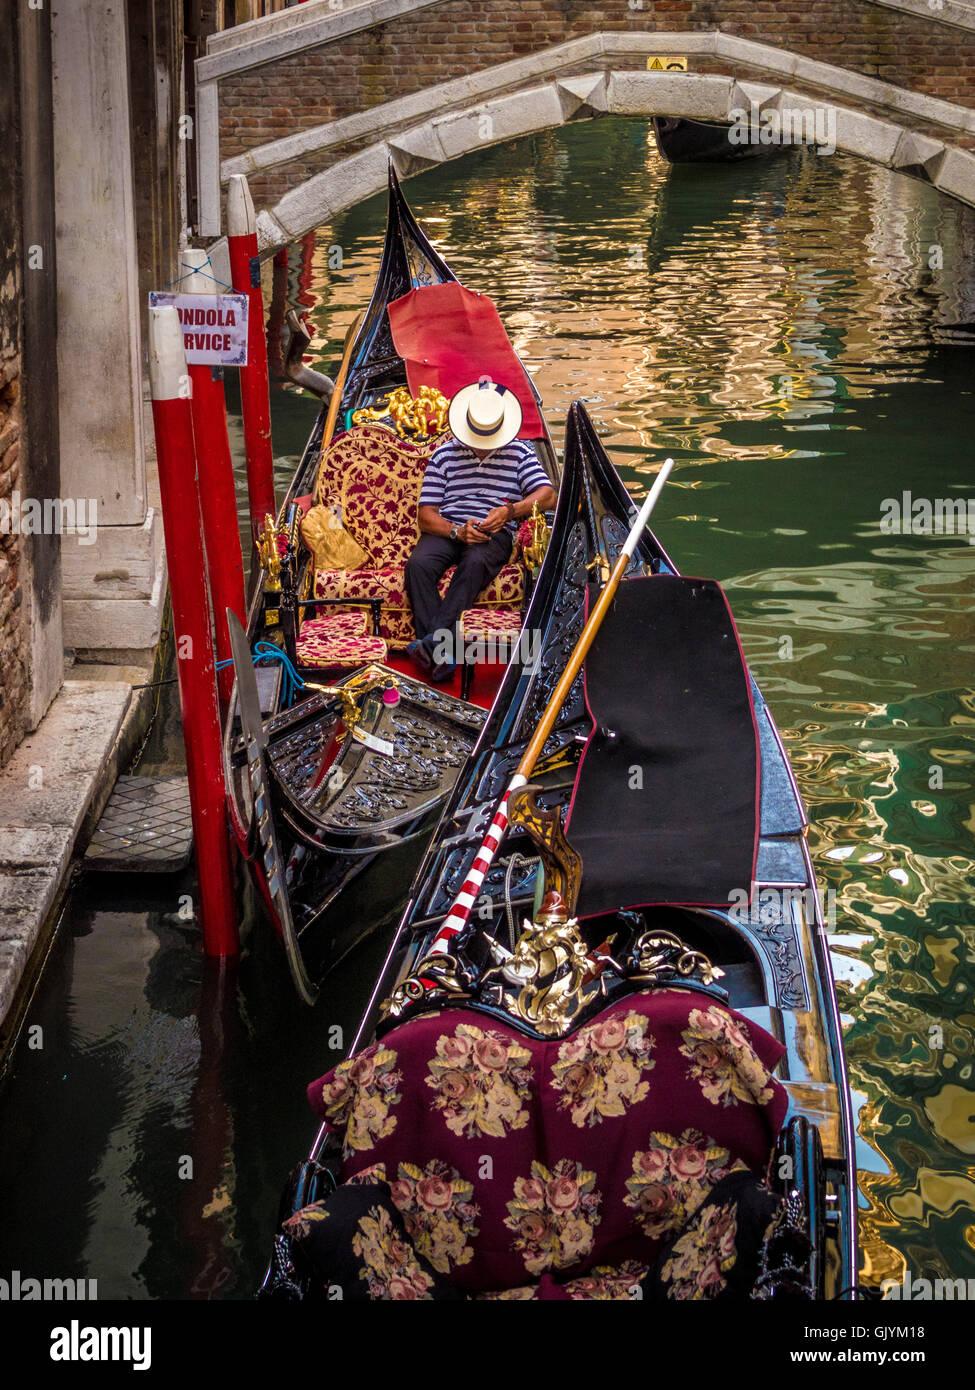 Gondolero vistiendo tradicionales top a rayas y sombrero de paja navegante  sentado en su barco enviando ba5c0525be0